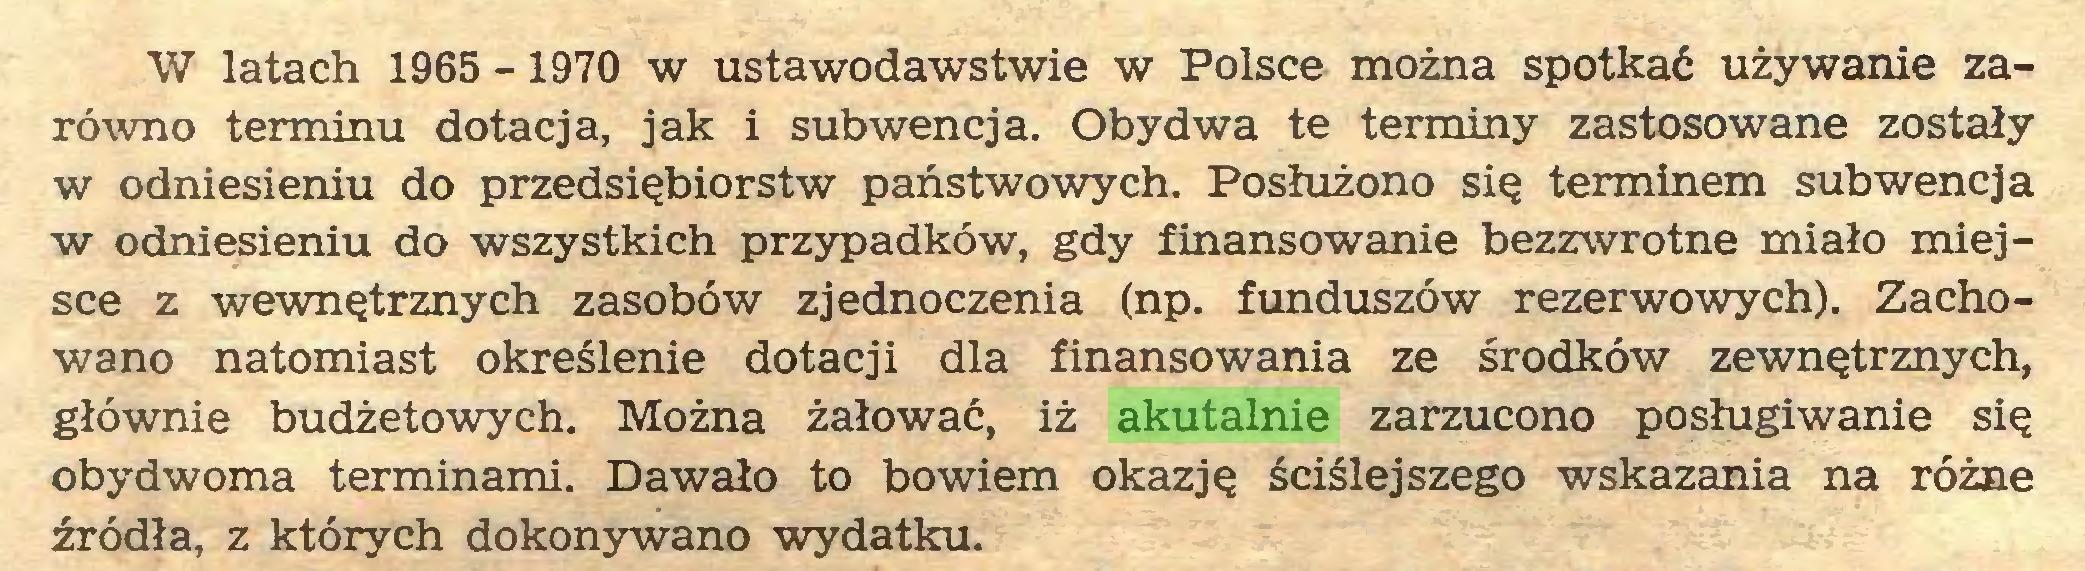 (...) W latach 1965 -1970 w ustawodawstwie w Polsce można spotkać używanie zarówno terminu dotacja, jak i subwencja. Obydwa te terminy zastosowane zostały w odniesieniu do przedsiębiorstw państwowych. Posłużono się terminem subwencja w odniesieniu do wszystkich przypadków, gdy finansowanie bezzwrotne miało miejsce z wewnętrznych zasobów zjednoczenia (np. funduszów rezerwowych). Zachowano natomiast określenie dotacji dla finansowania ze środków zewnętrznych, głównie budżetowych. Można żałować, iż akutalnie zarzucono posługiwanie się obydwoma terminami. Dawało to bowiem okazję ściślejszego wskazania na różne źródła, z których dokonywano wydatku...